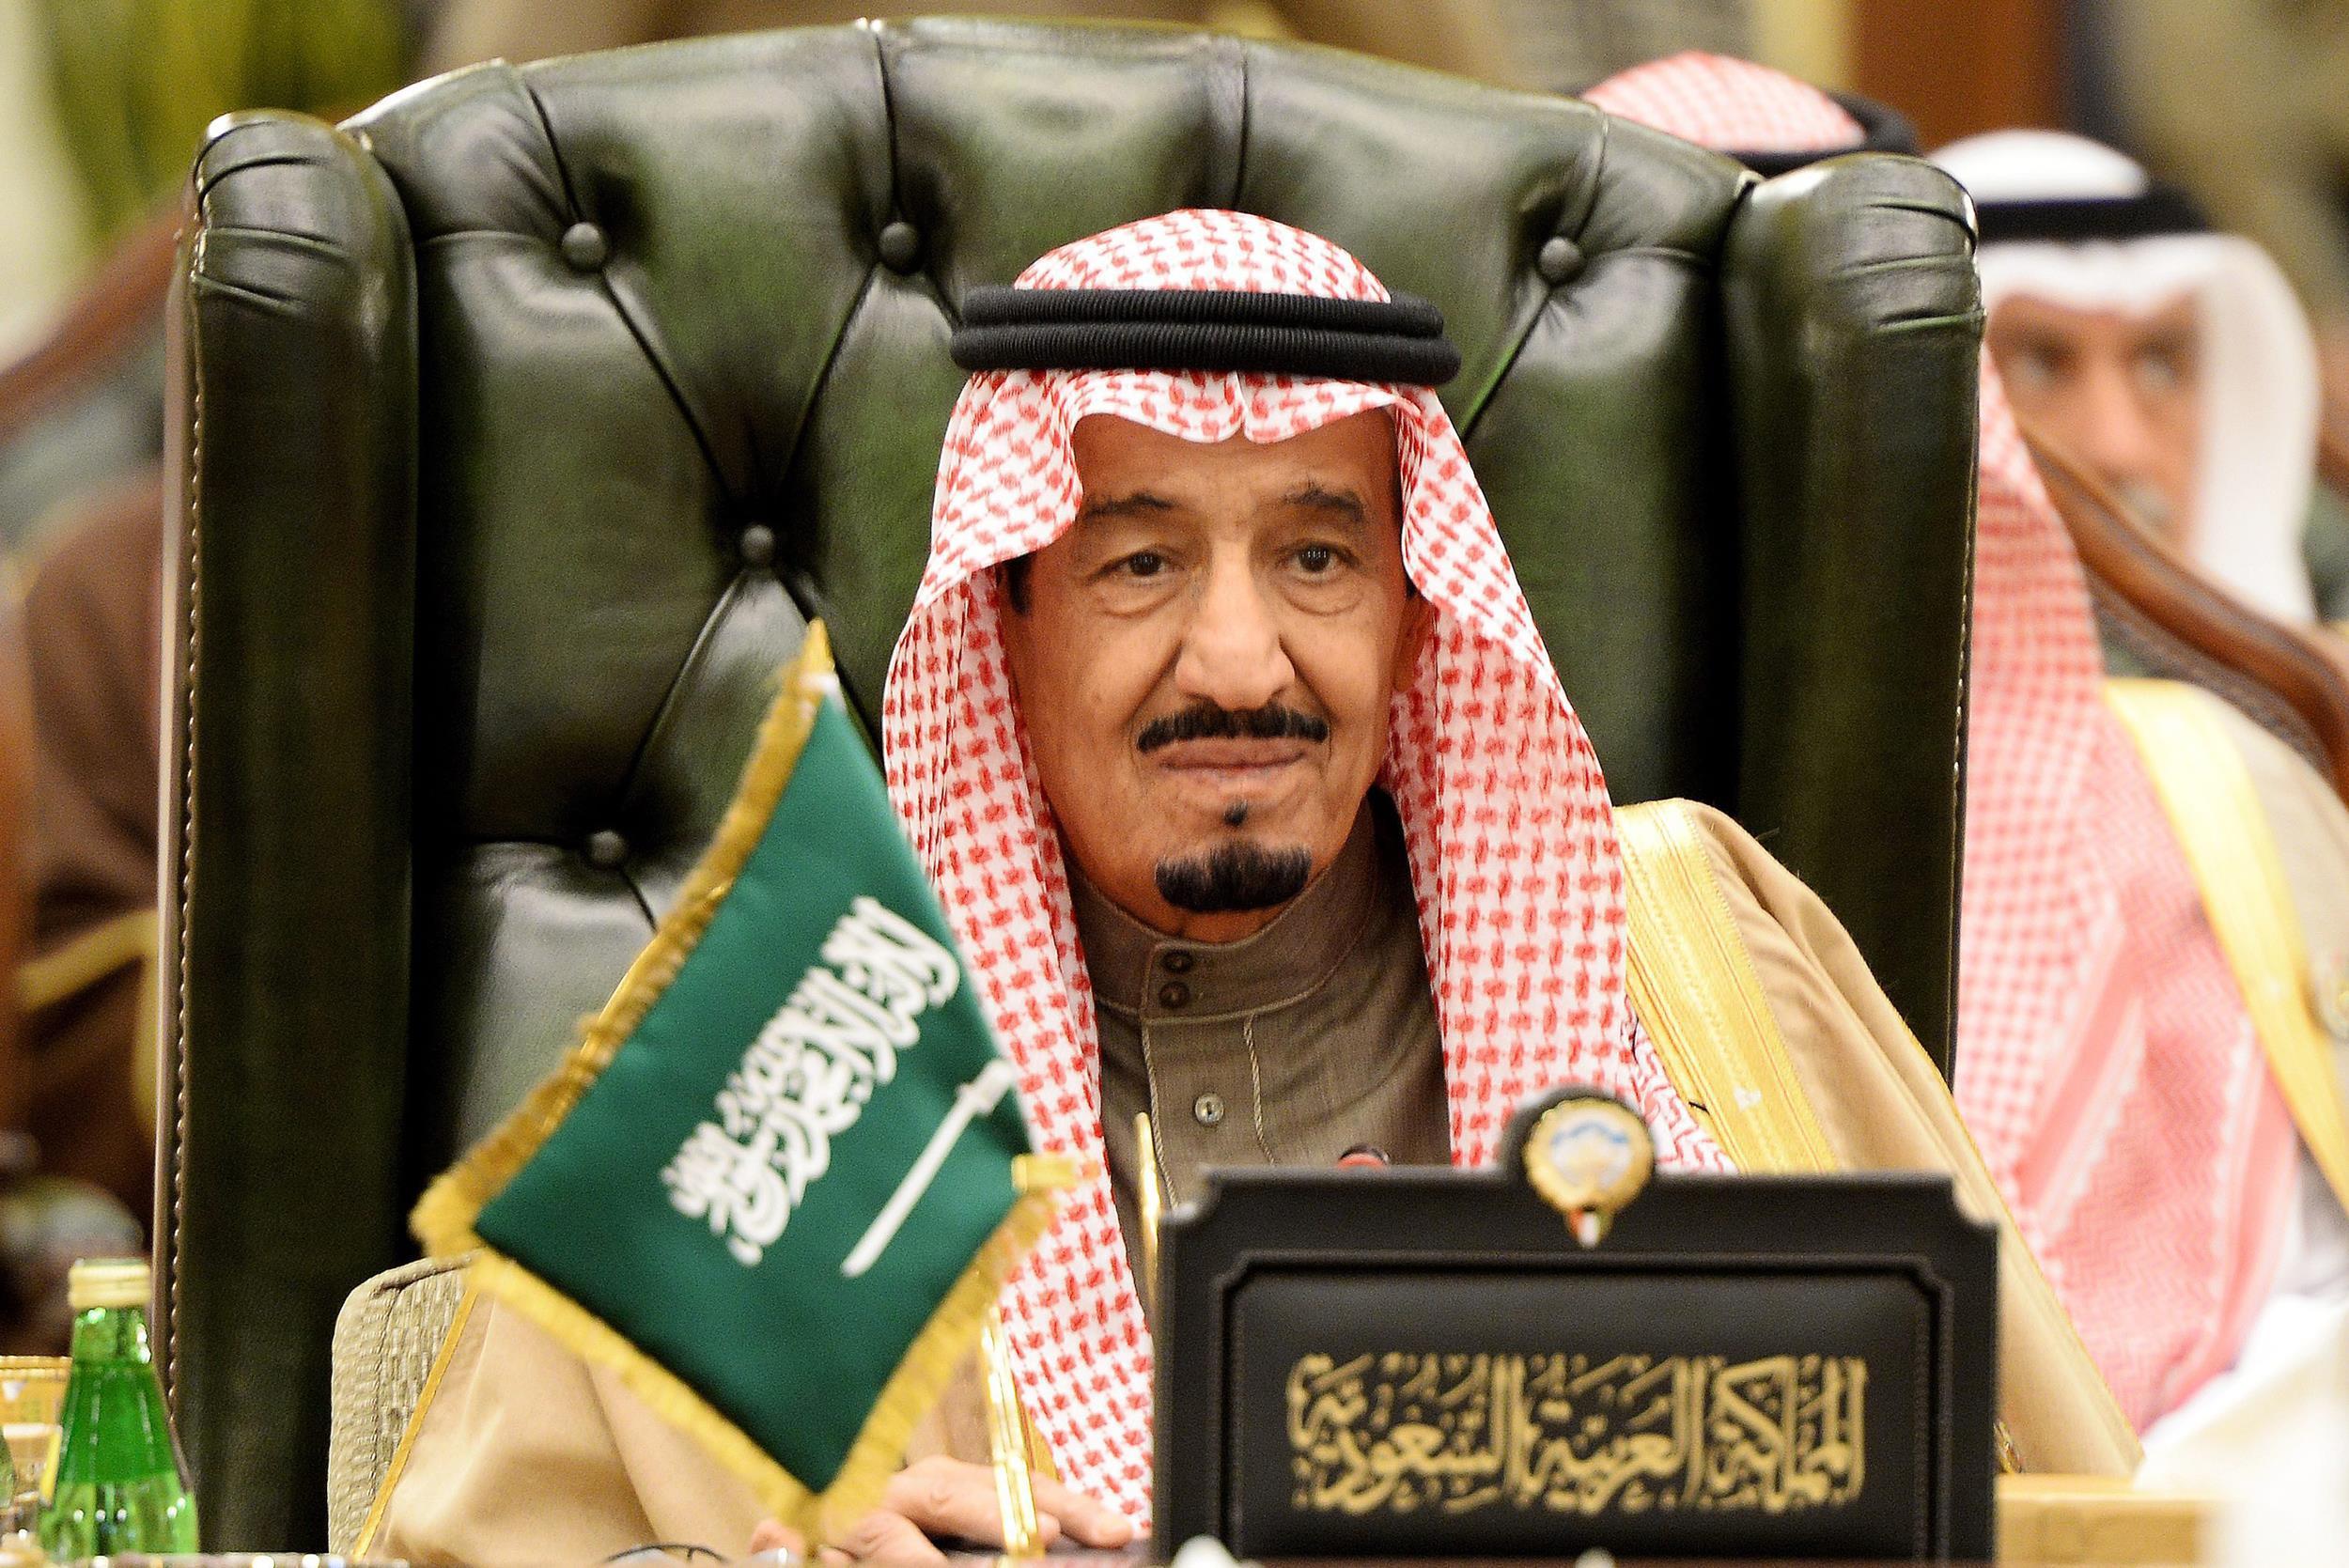 خادم الحرمين الشريفين الملك سلمان بن عبدالعزيز آل سعود مجمع